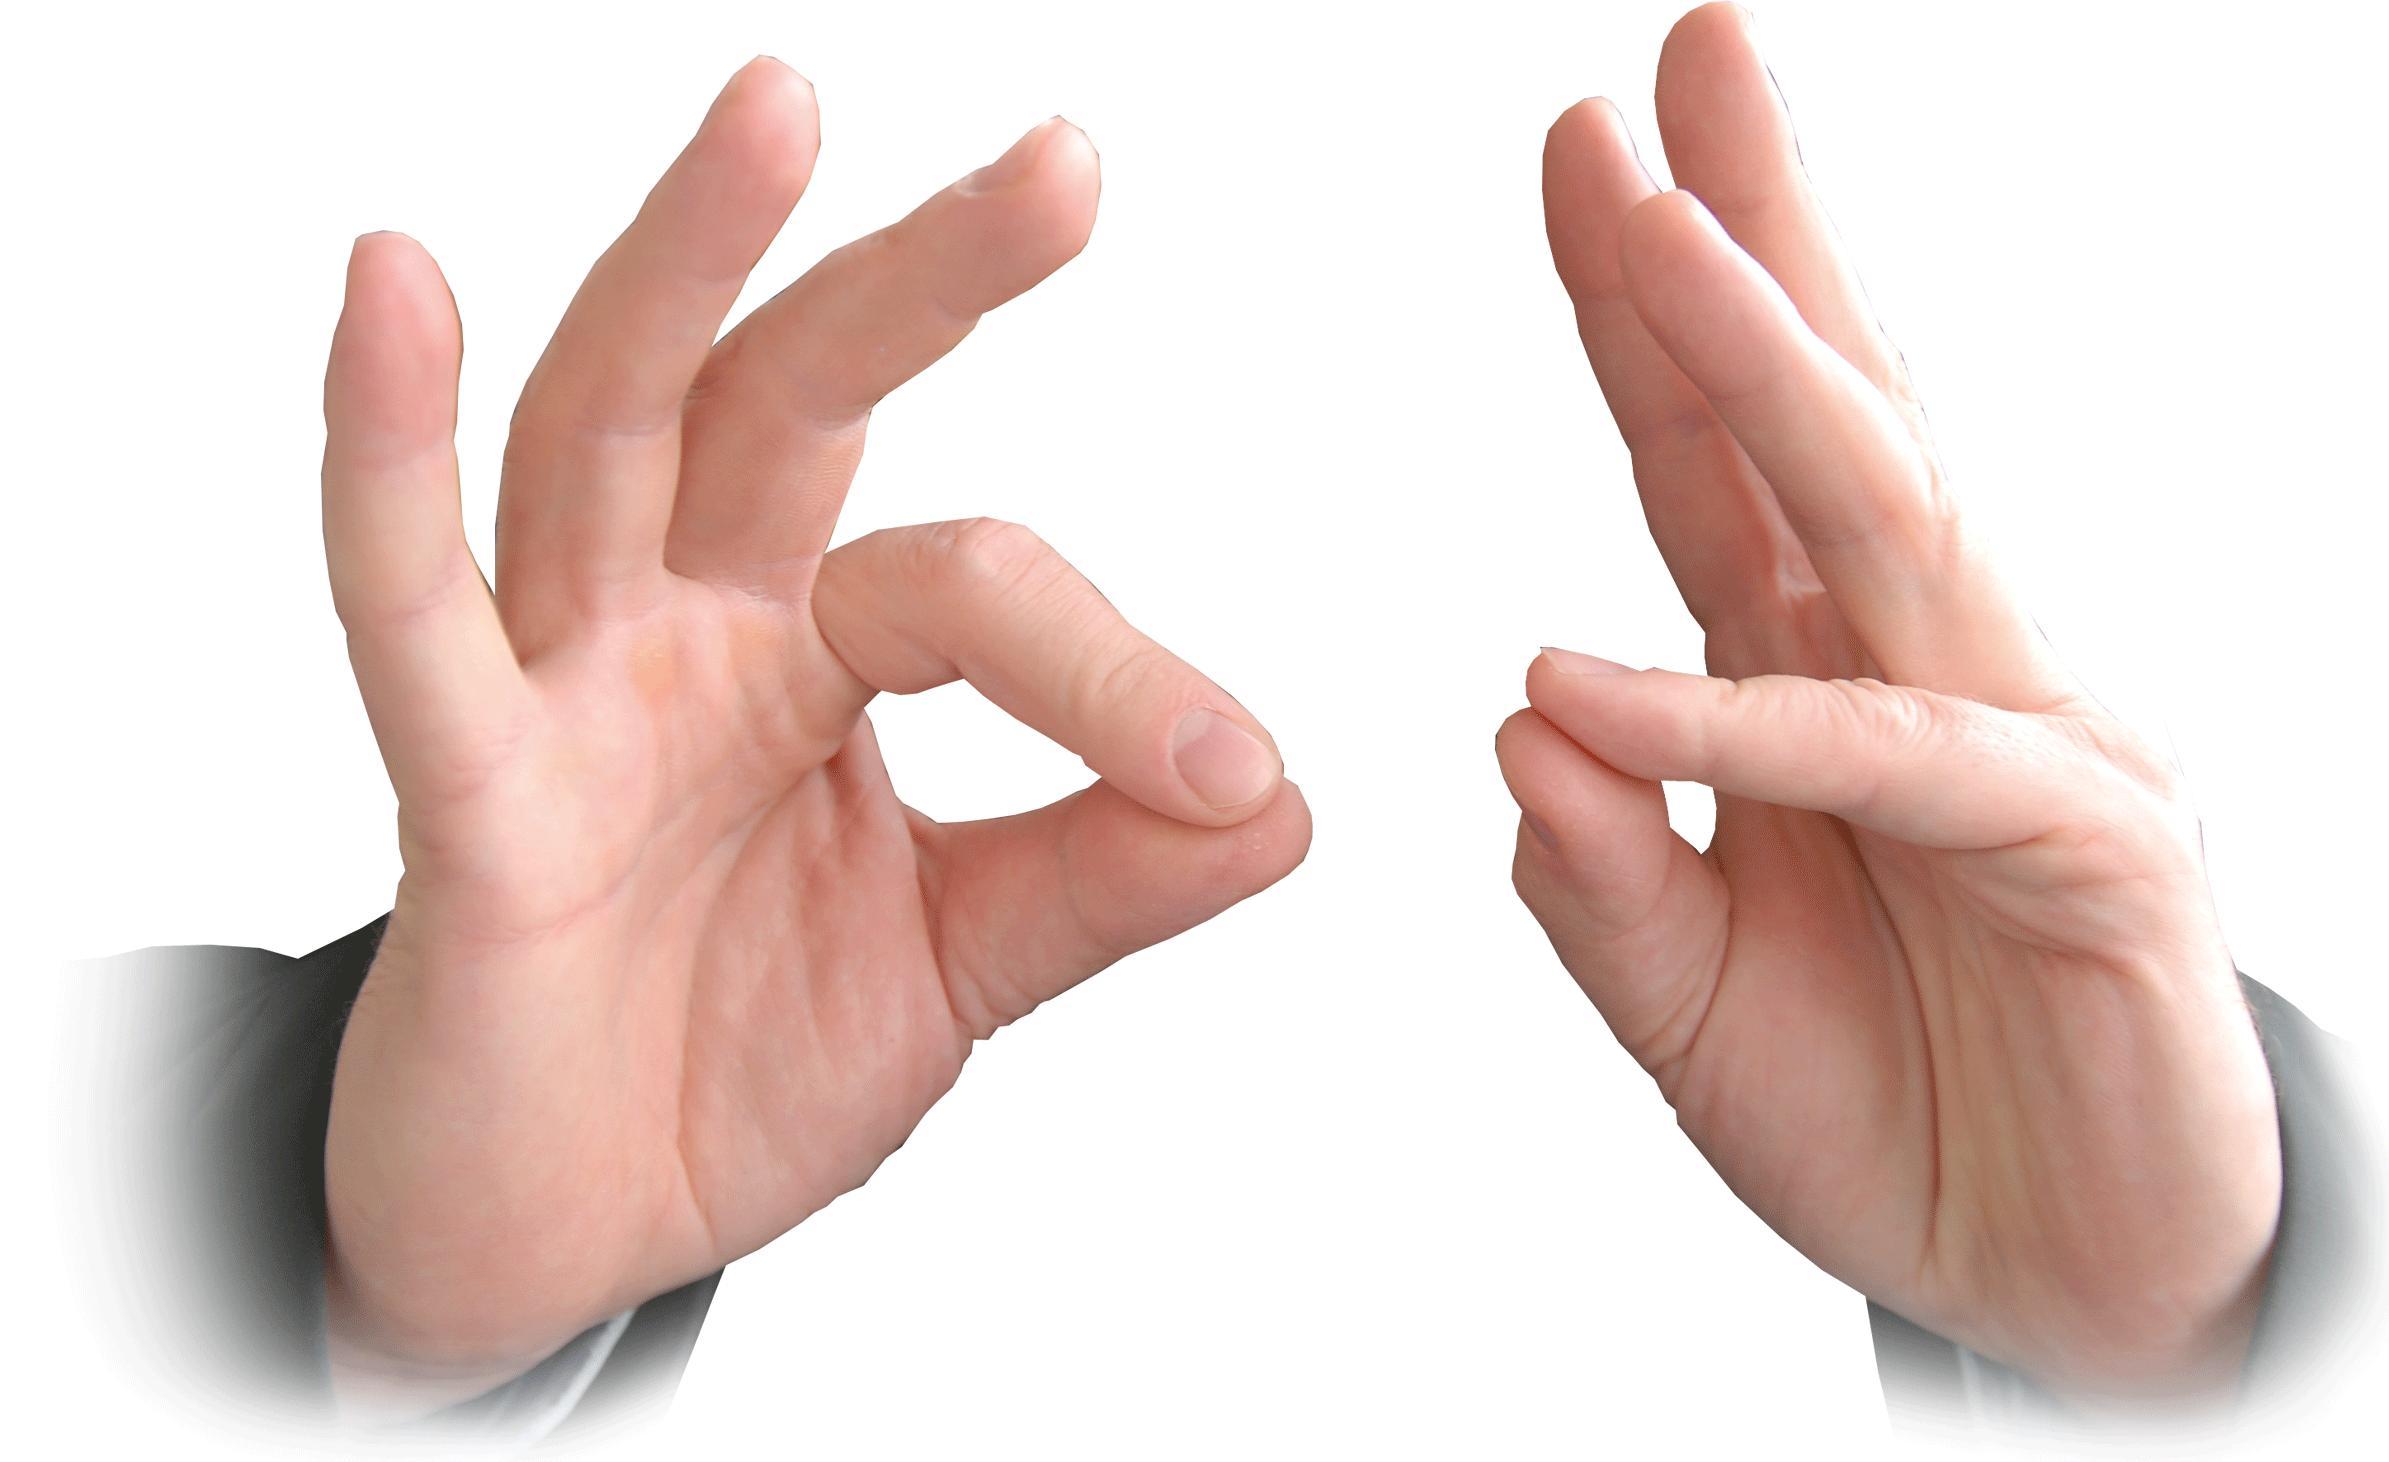 Uwolnienie/plastyka pochewki ścięgnistej - palca trzaskającego